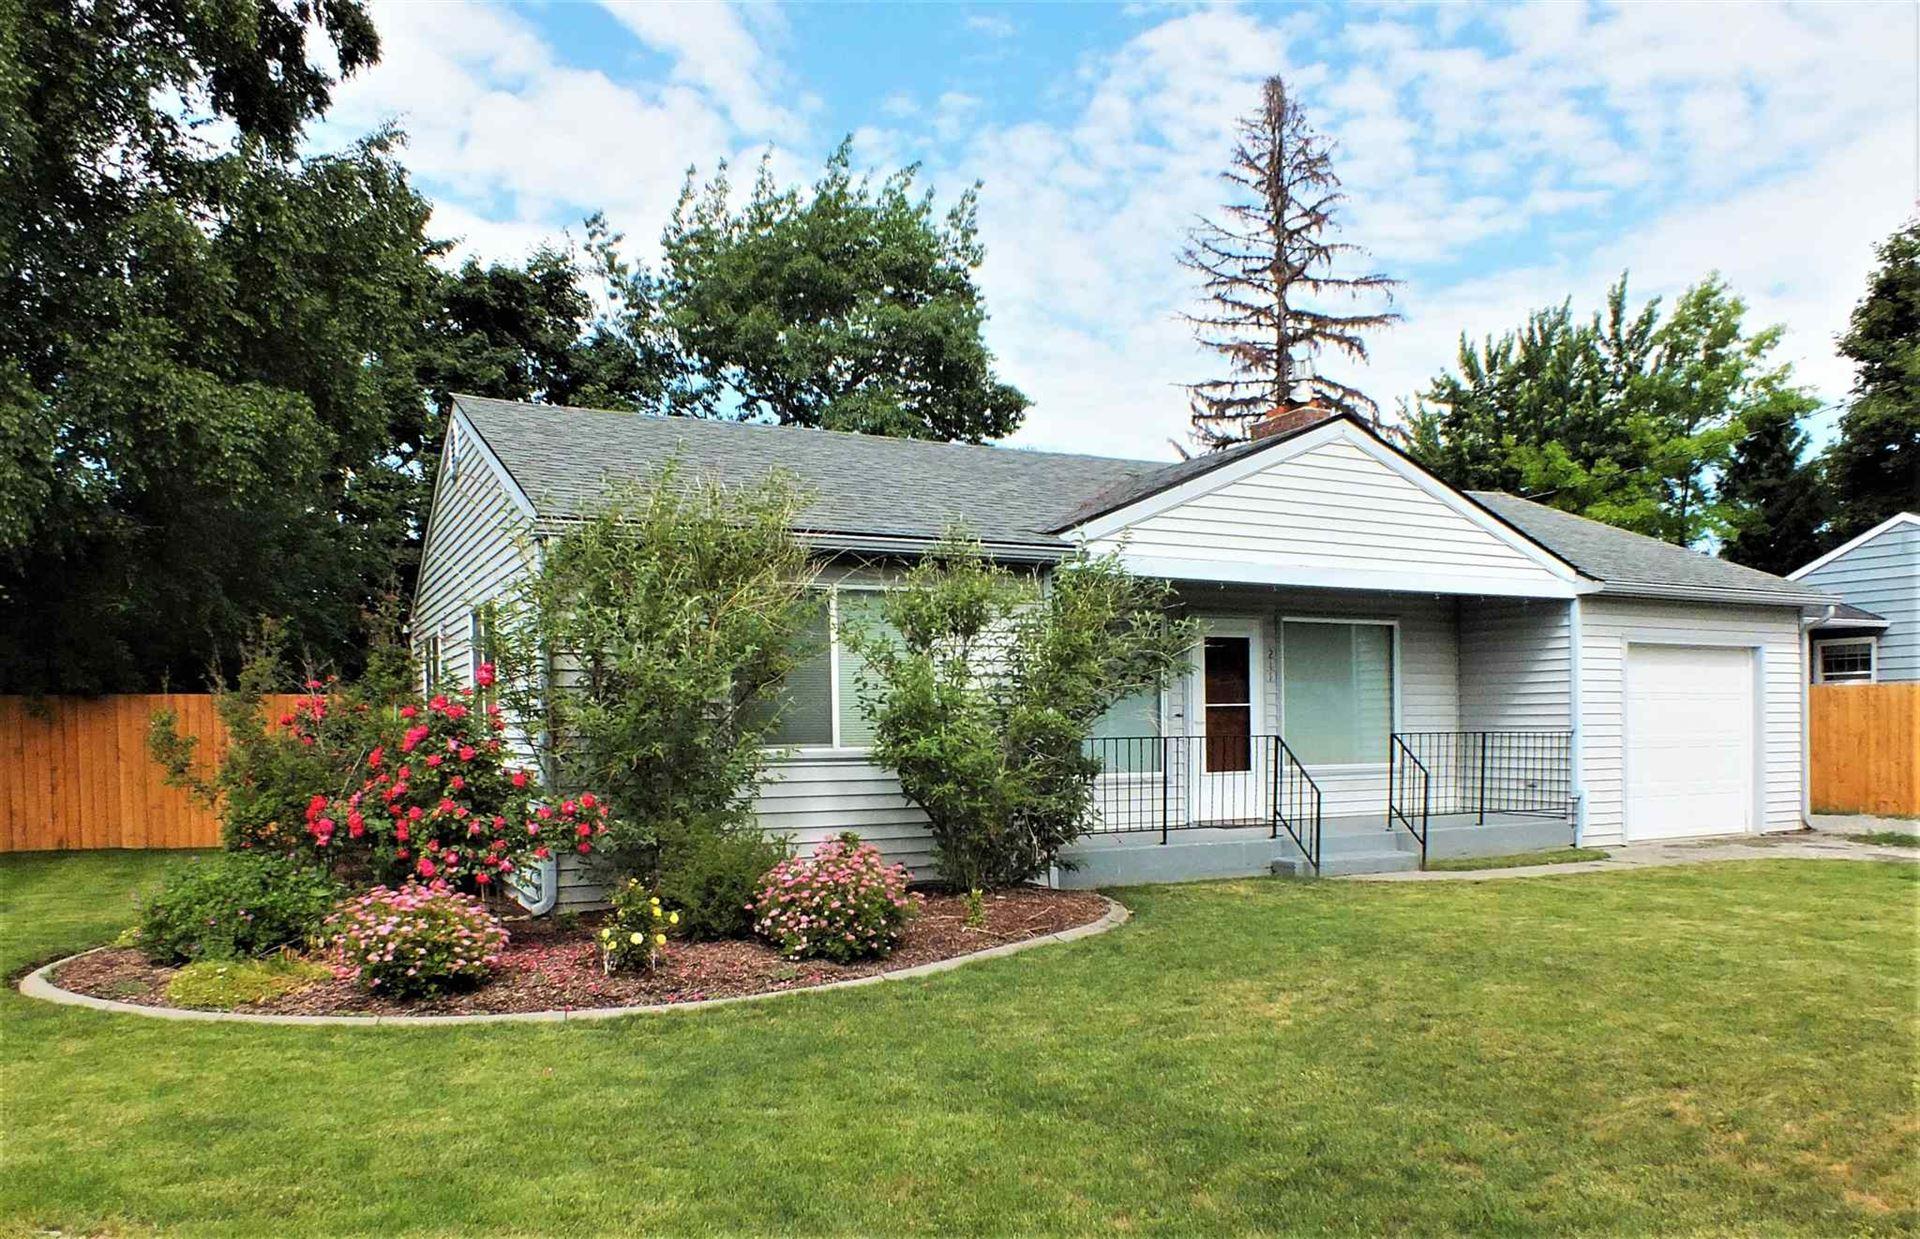 211 N Blake Rd, Spokane Valley, WA 99216-0817 - #: 202117329